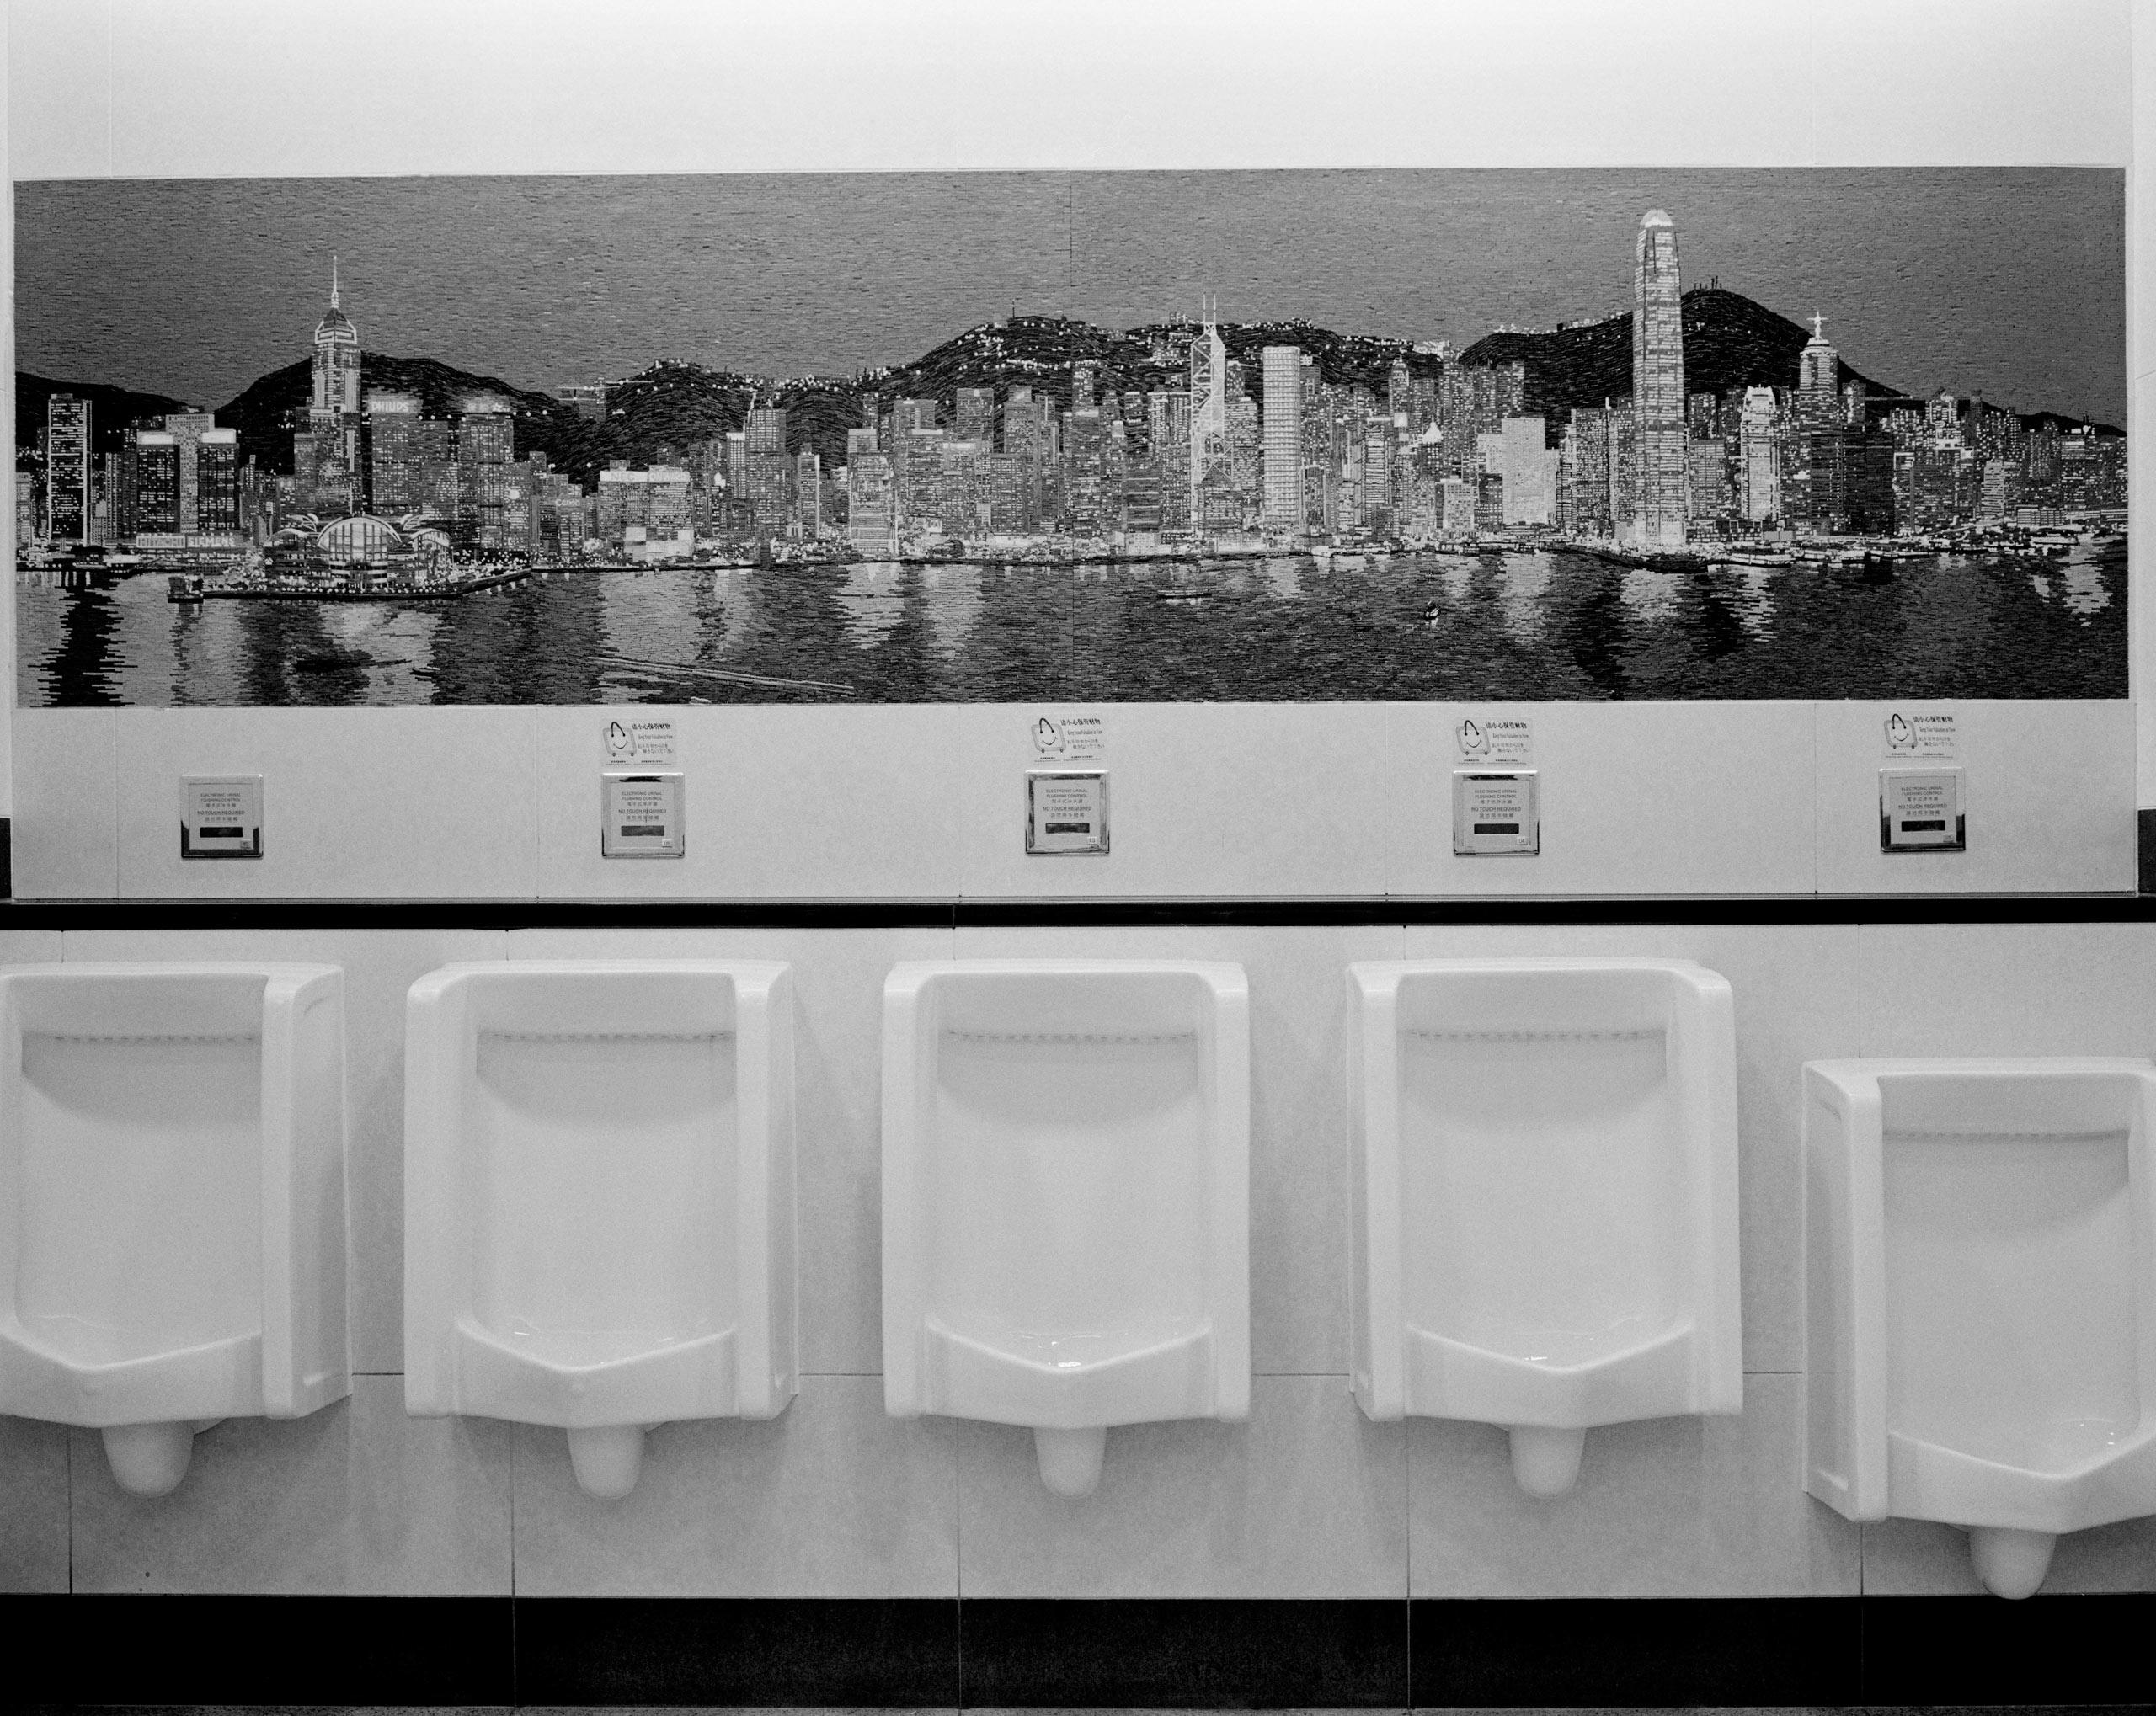 Airport restroom, Hong Kong, China, 2008.